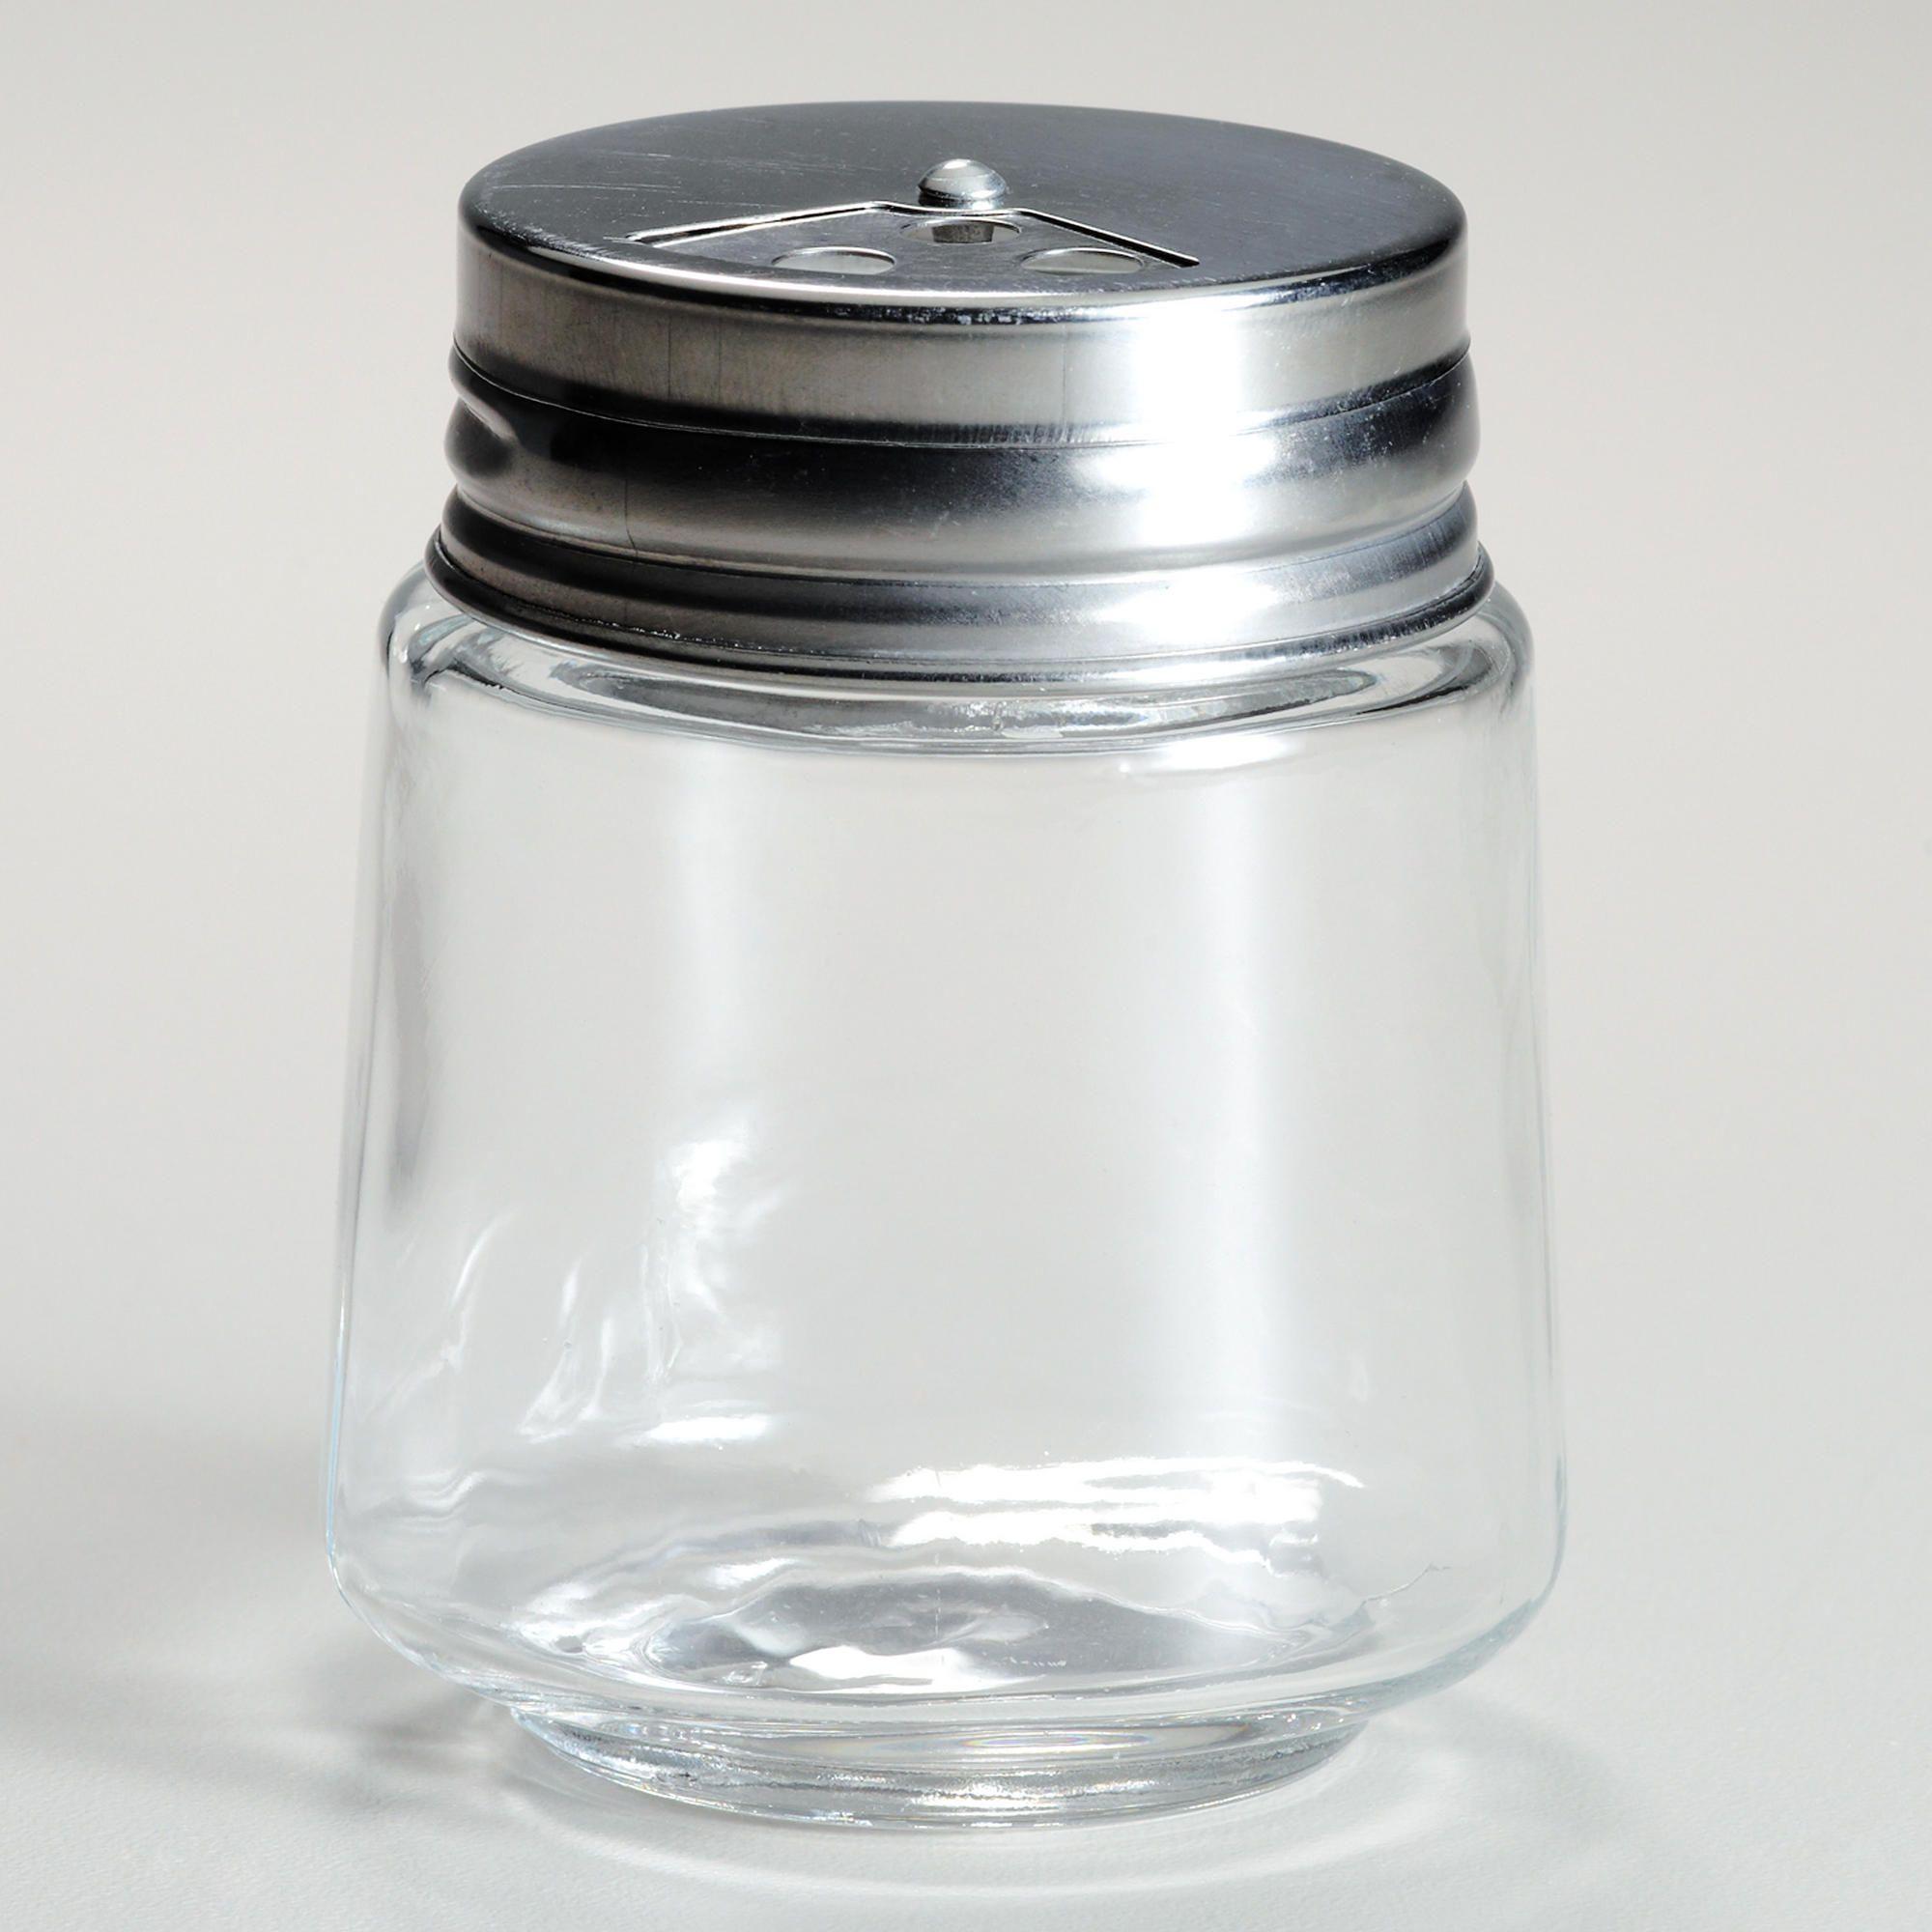 Cylinder Spice Jars with Metal Shaker Lids, Set of 4 | World Market